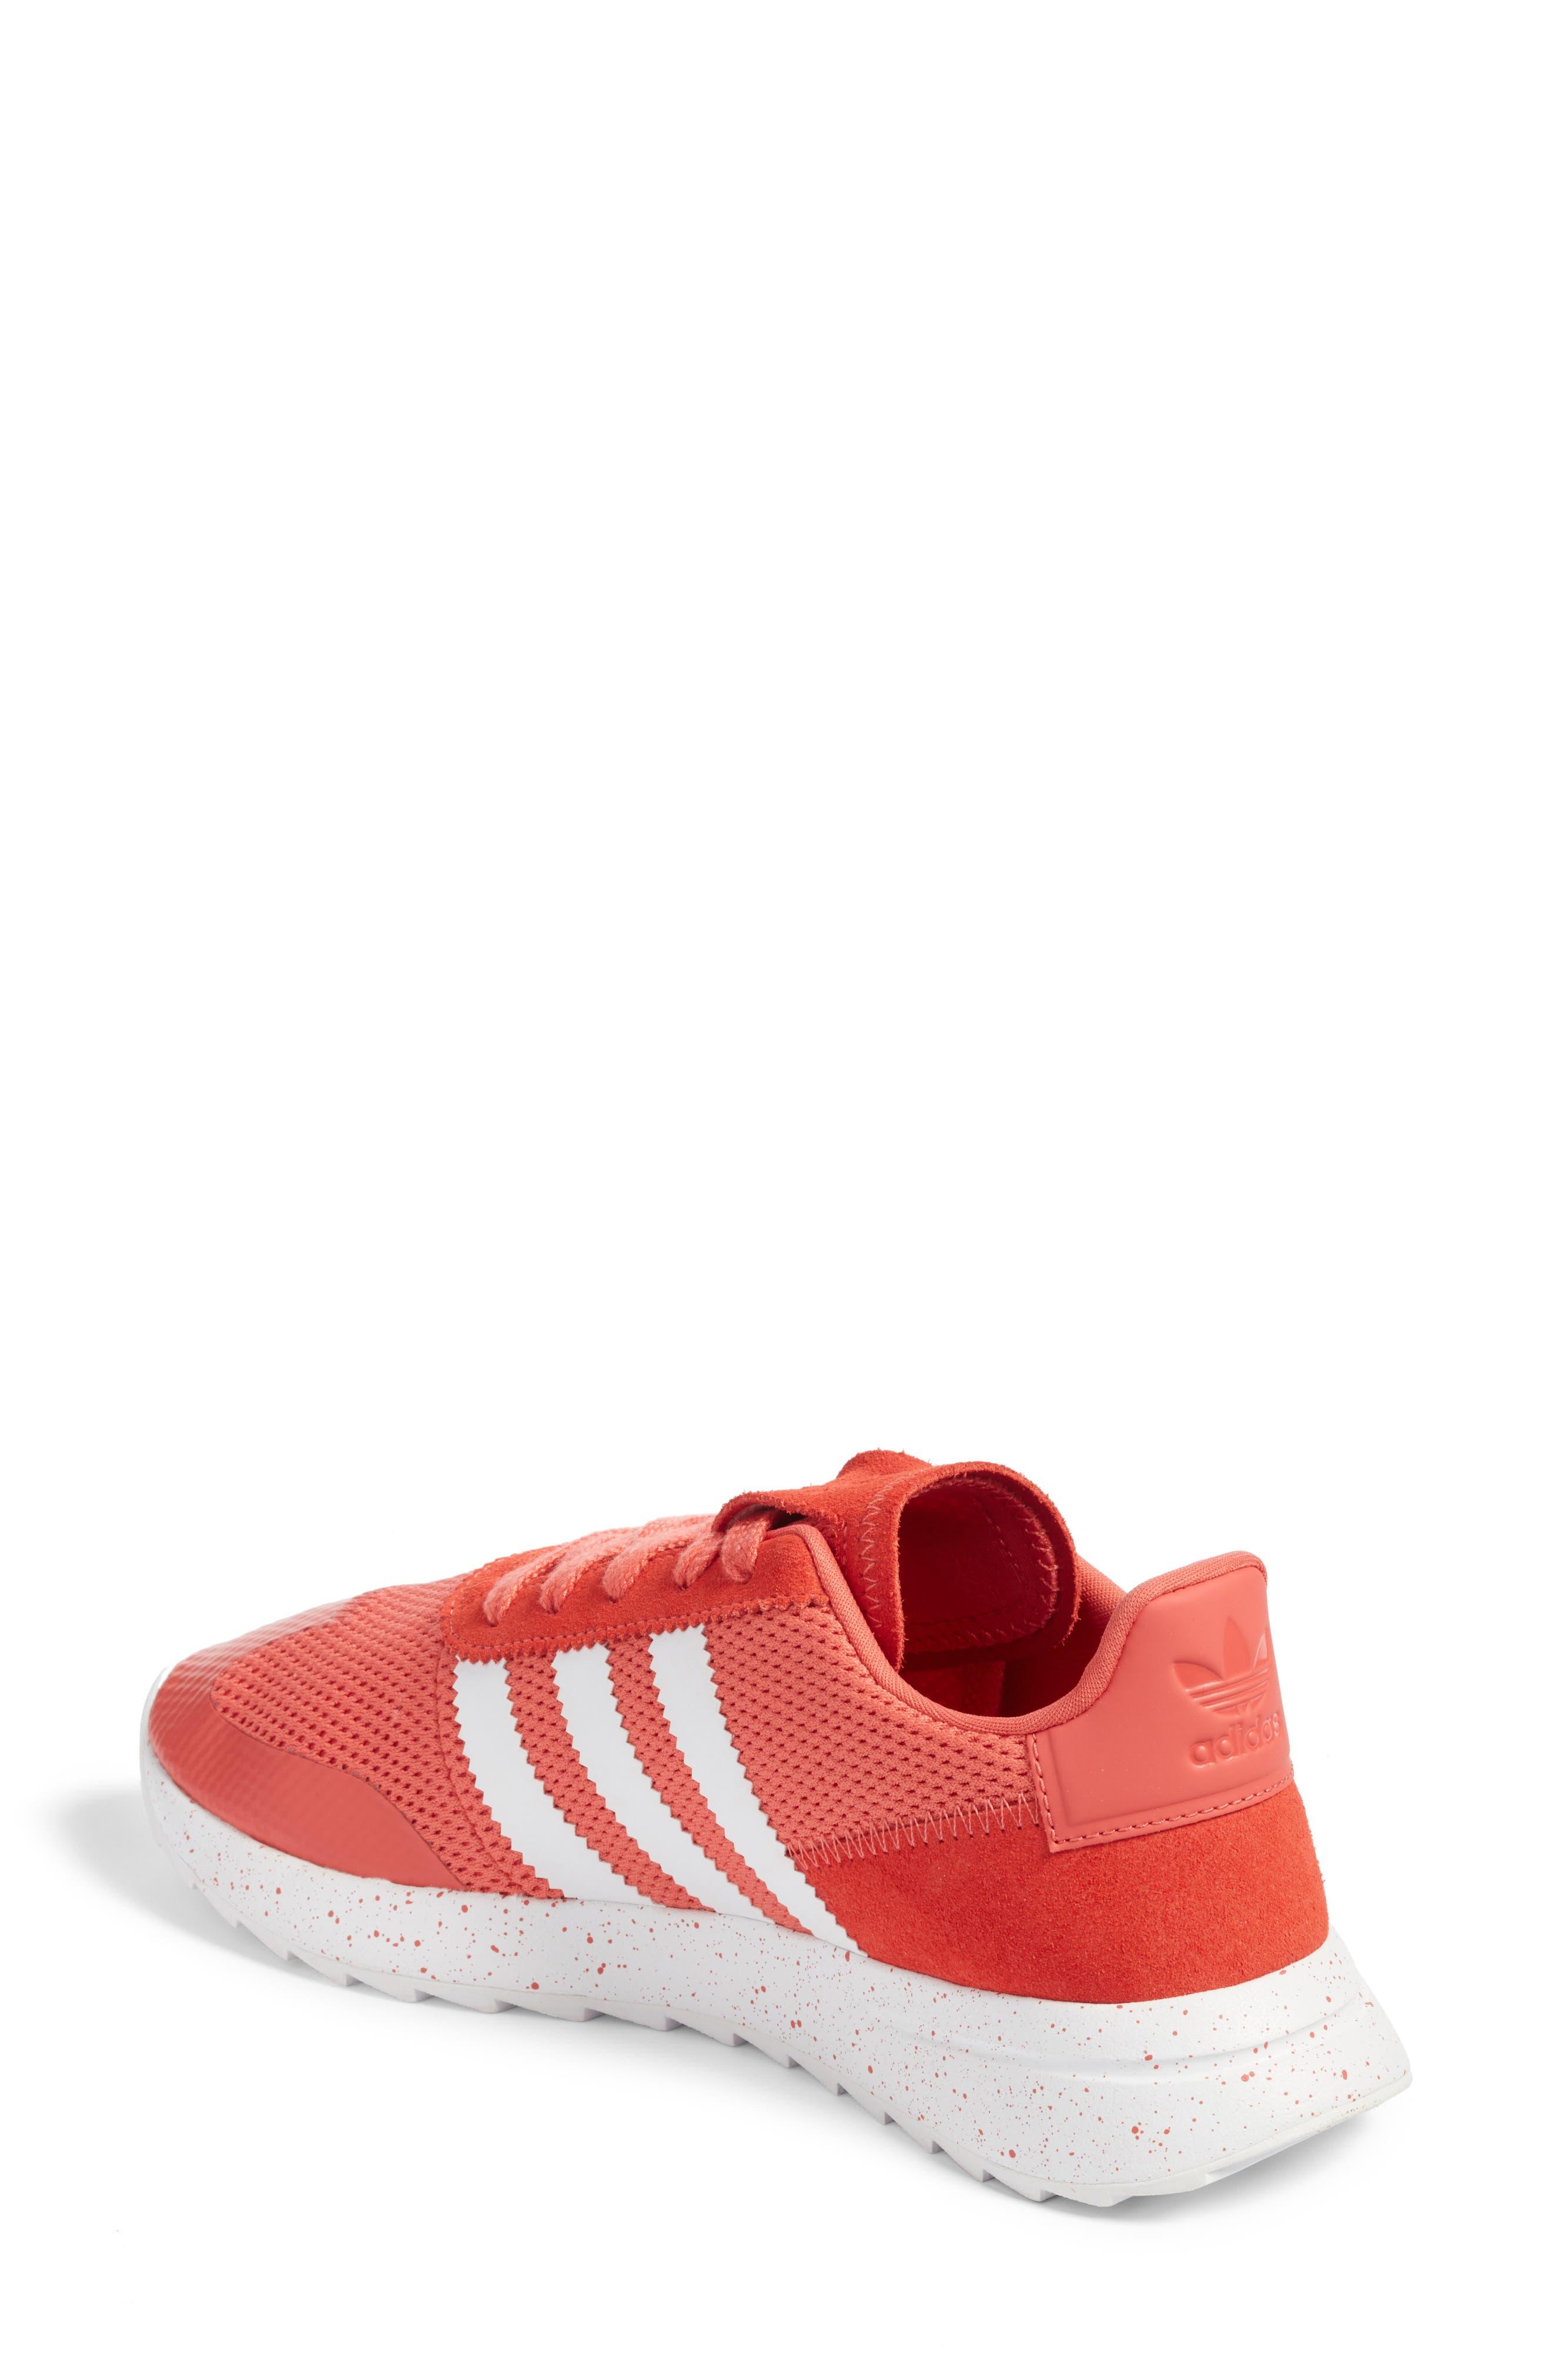 Flashback Sneaker,                             Alternate thumbnail 24, color,